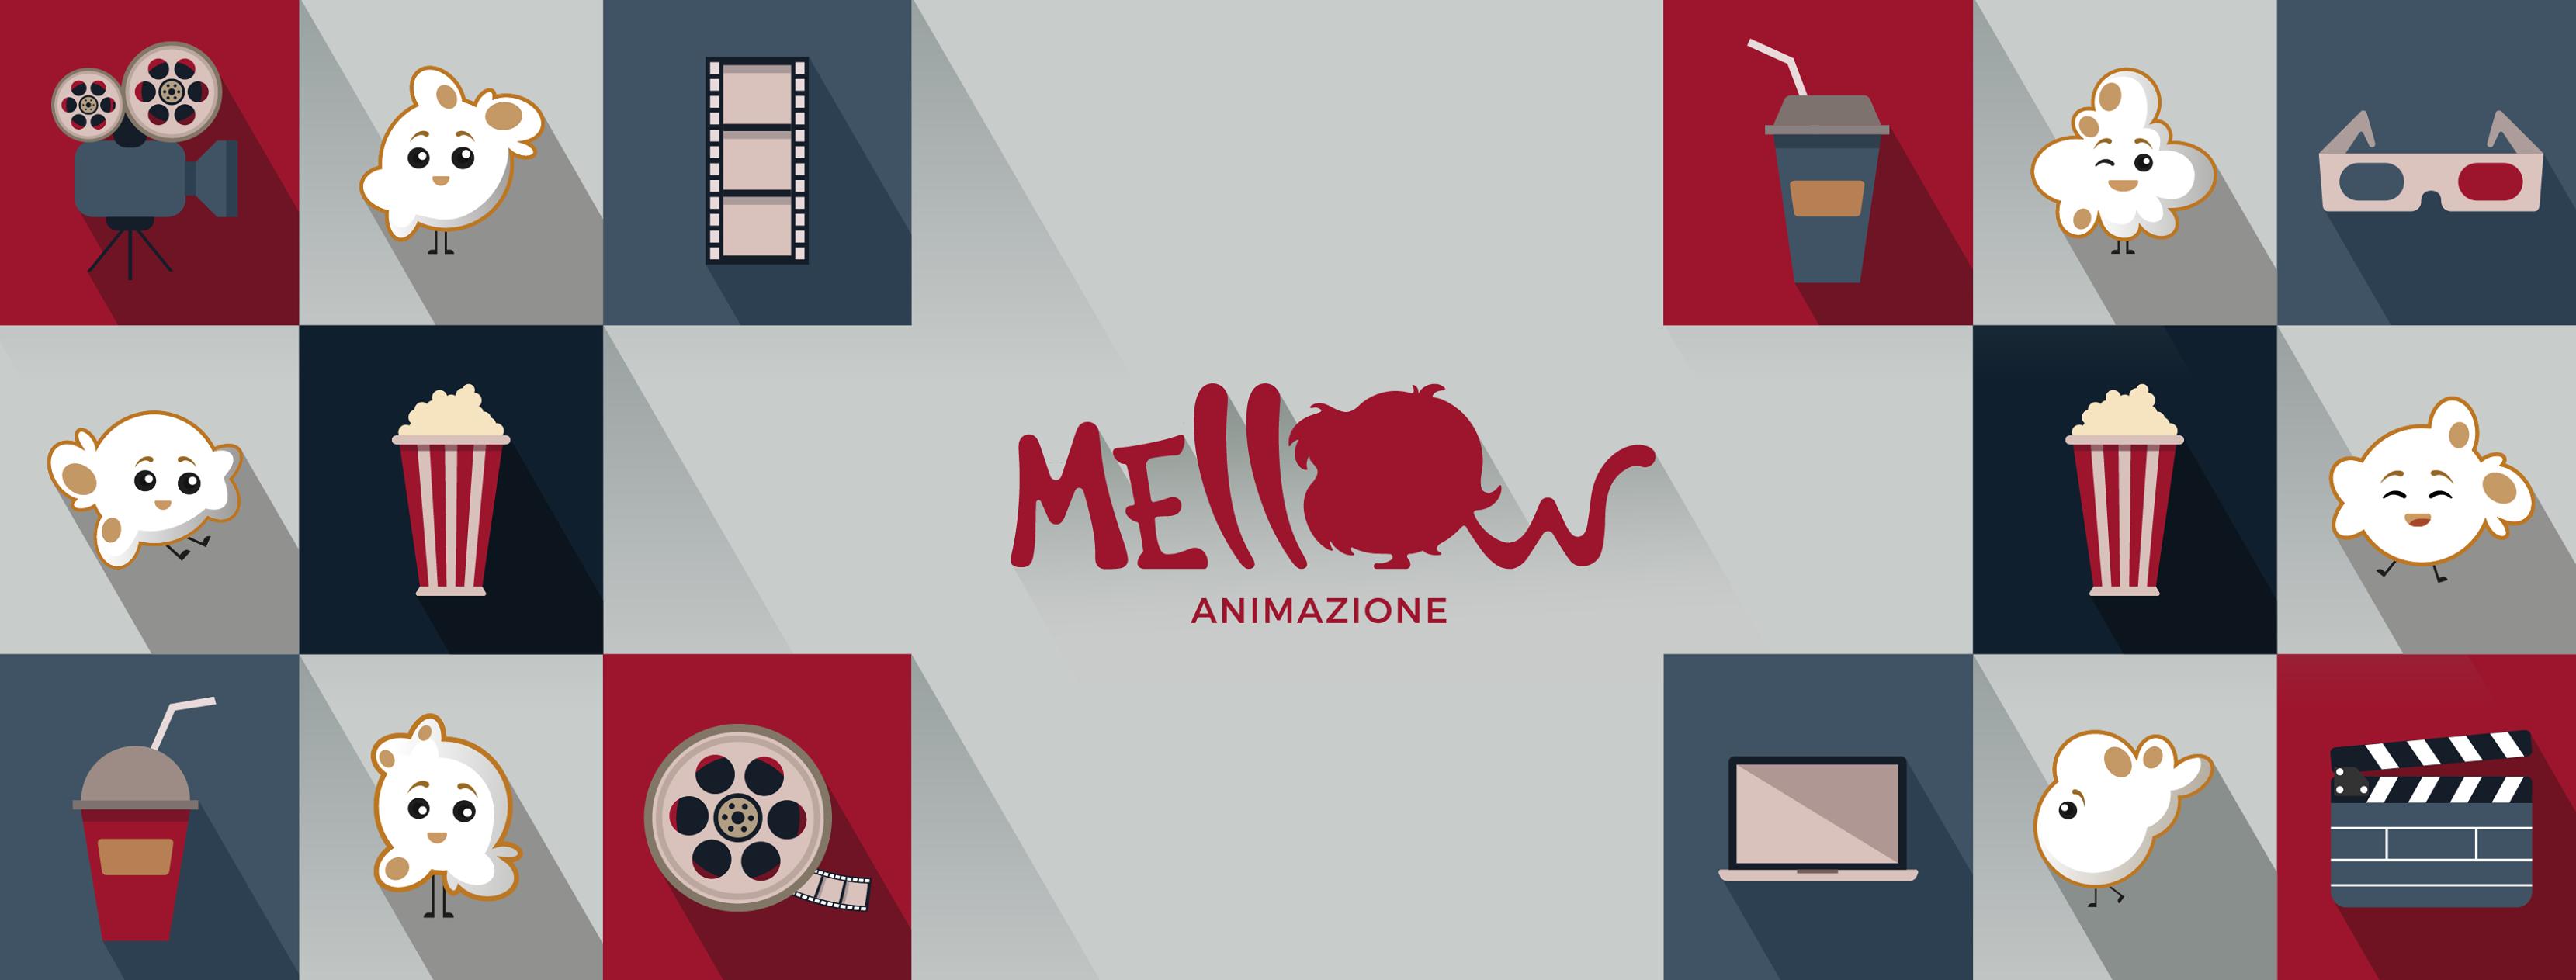 Mellow Animazione